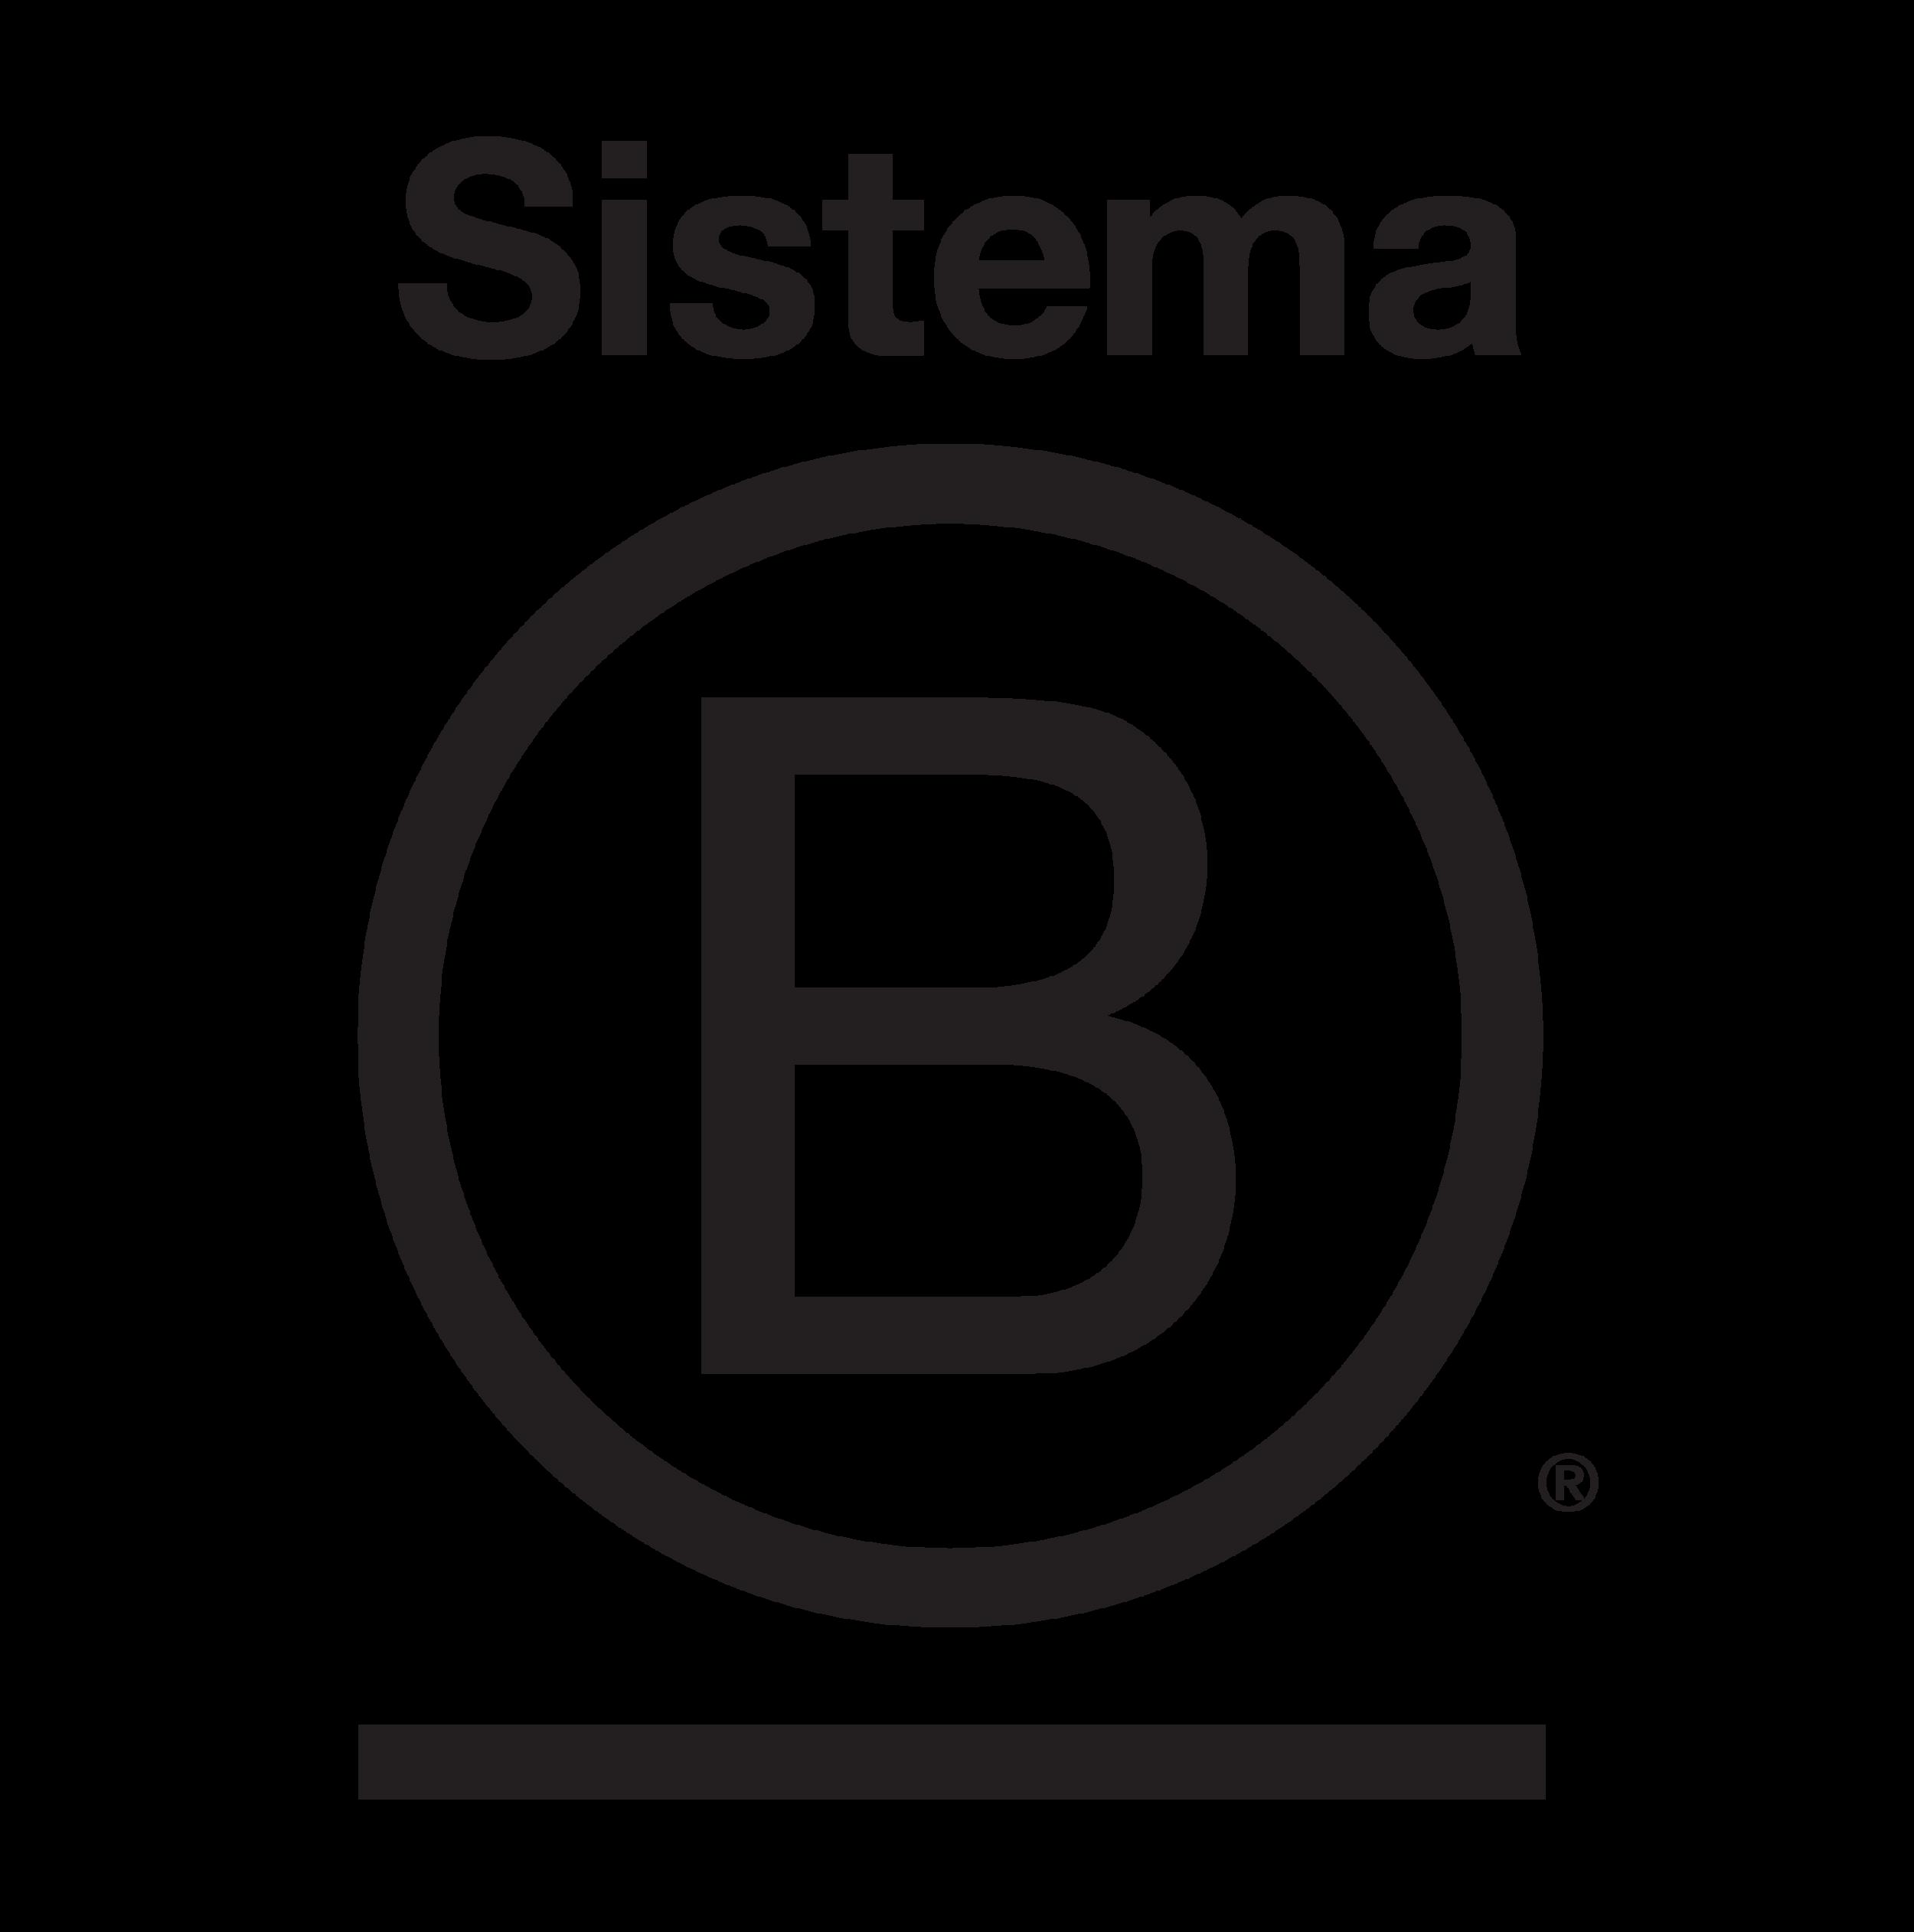 SISTEMA B.png